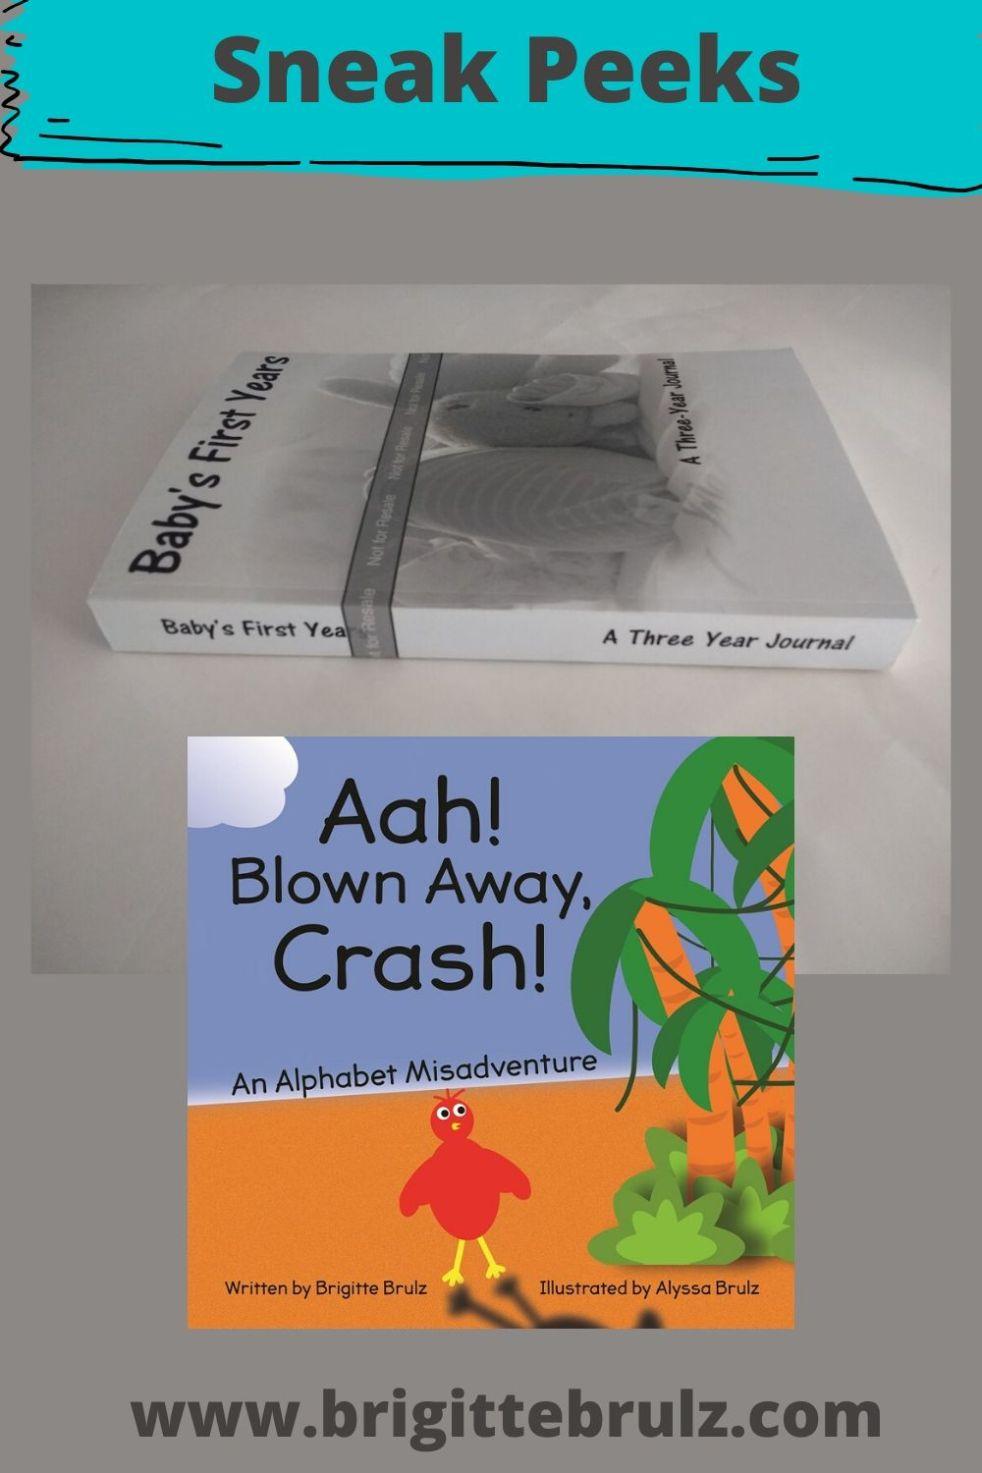 Sneak Peeks Journal and Book